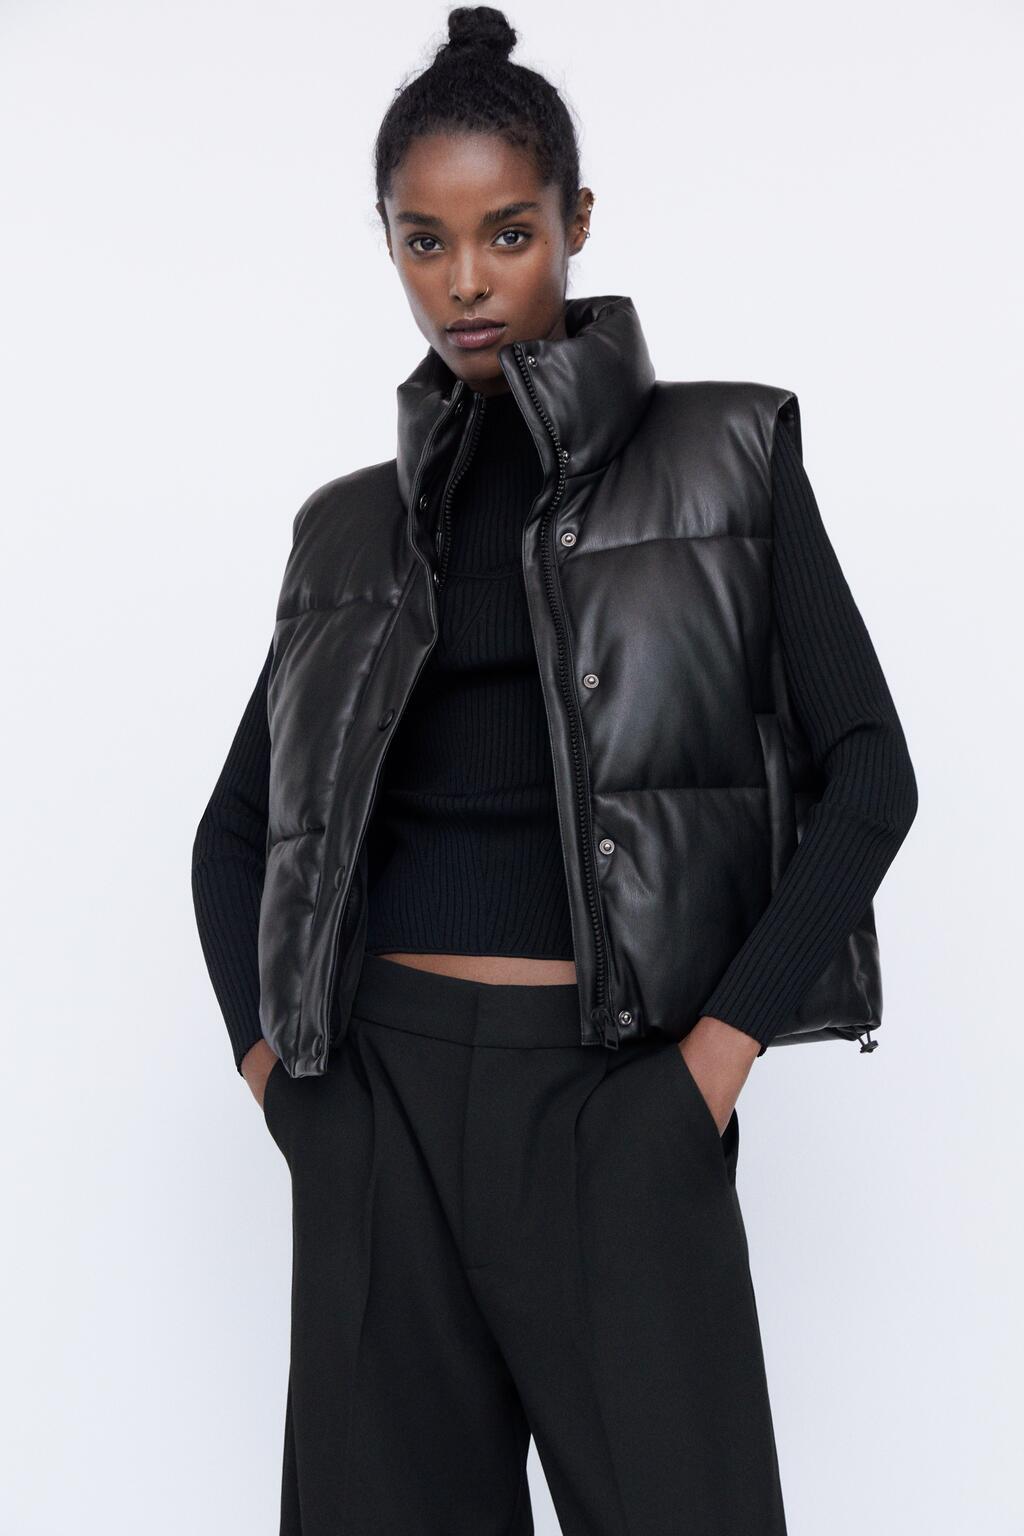 欧美风2021款秋冬季新款女式皮革棉服马甲上衣女装Y12-2599